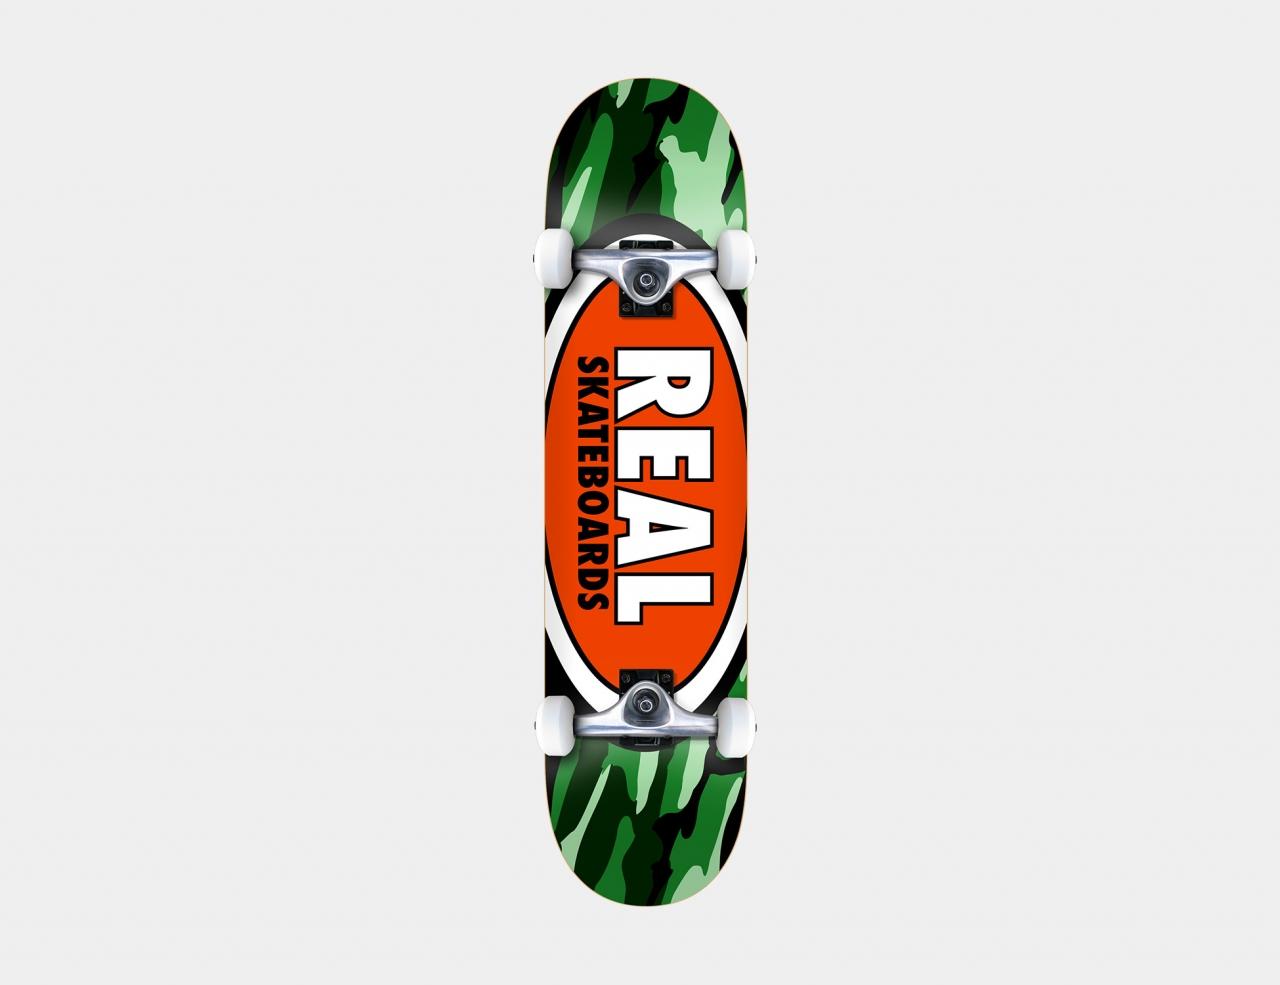 Real Team Oval Camo Medium 7.75 Komplettboard